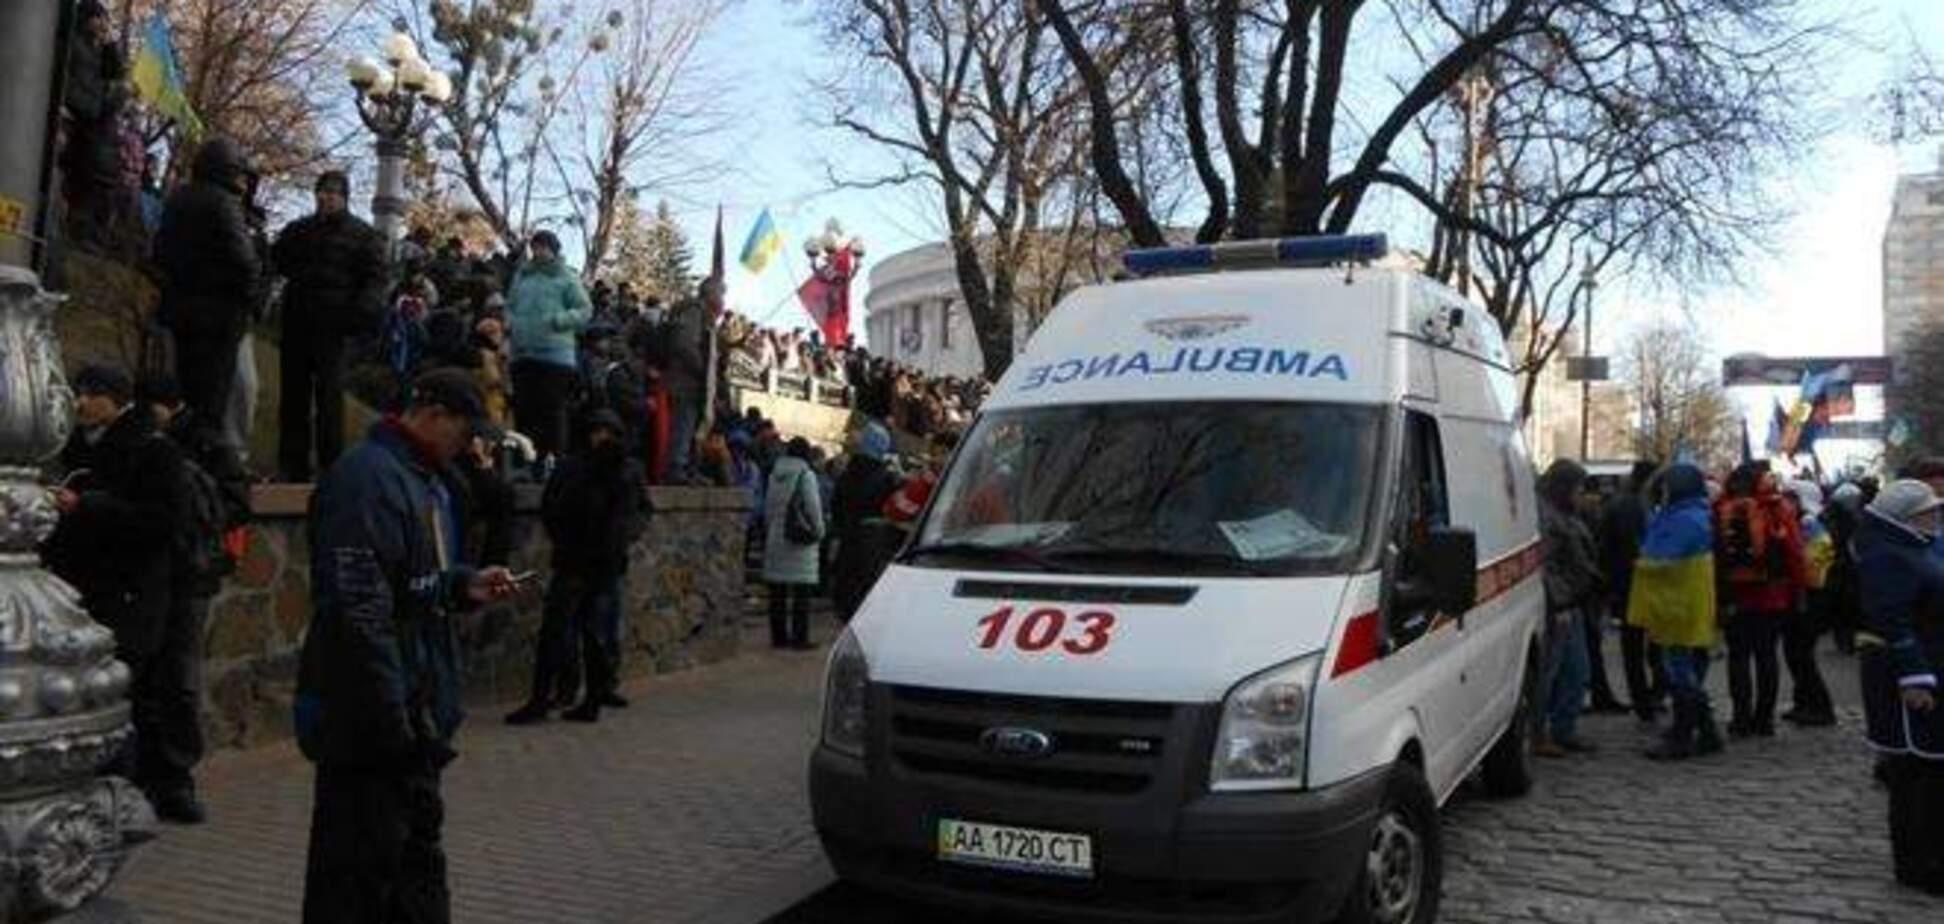 Медики Украины просят силовиков 'не добивать тех, кто уже упал'